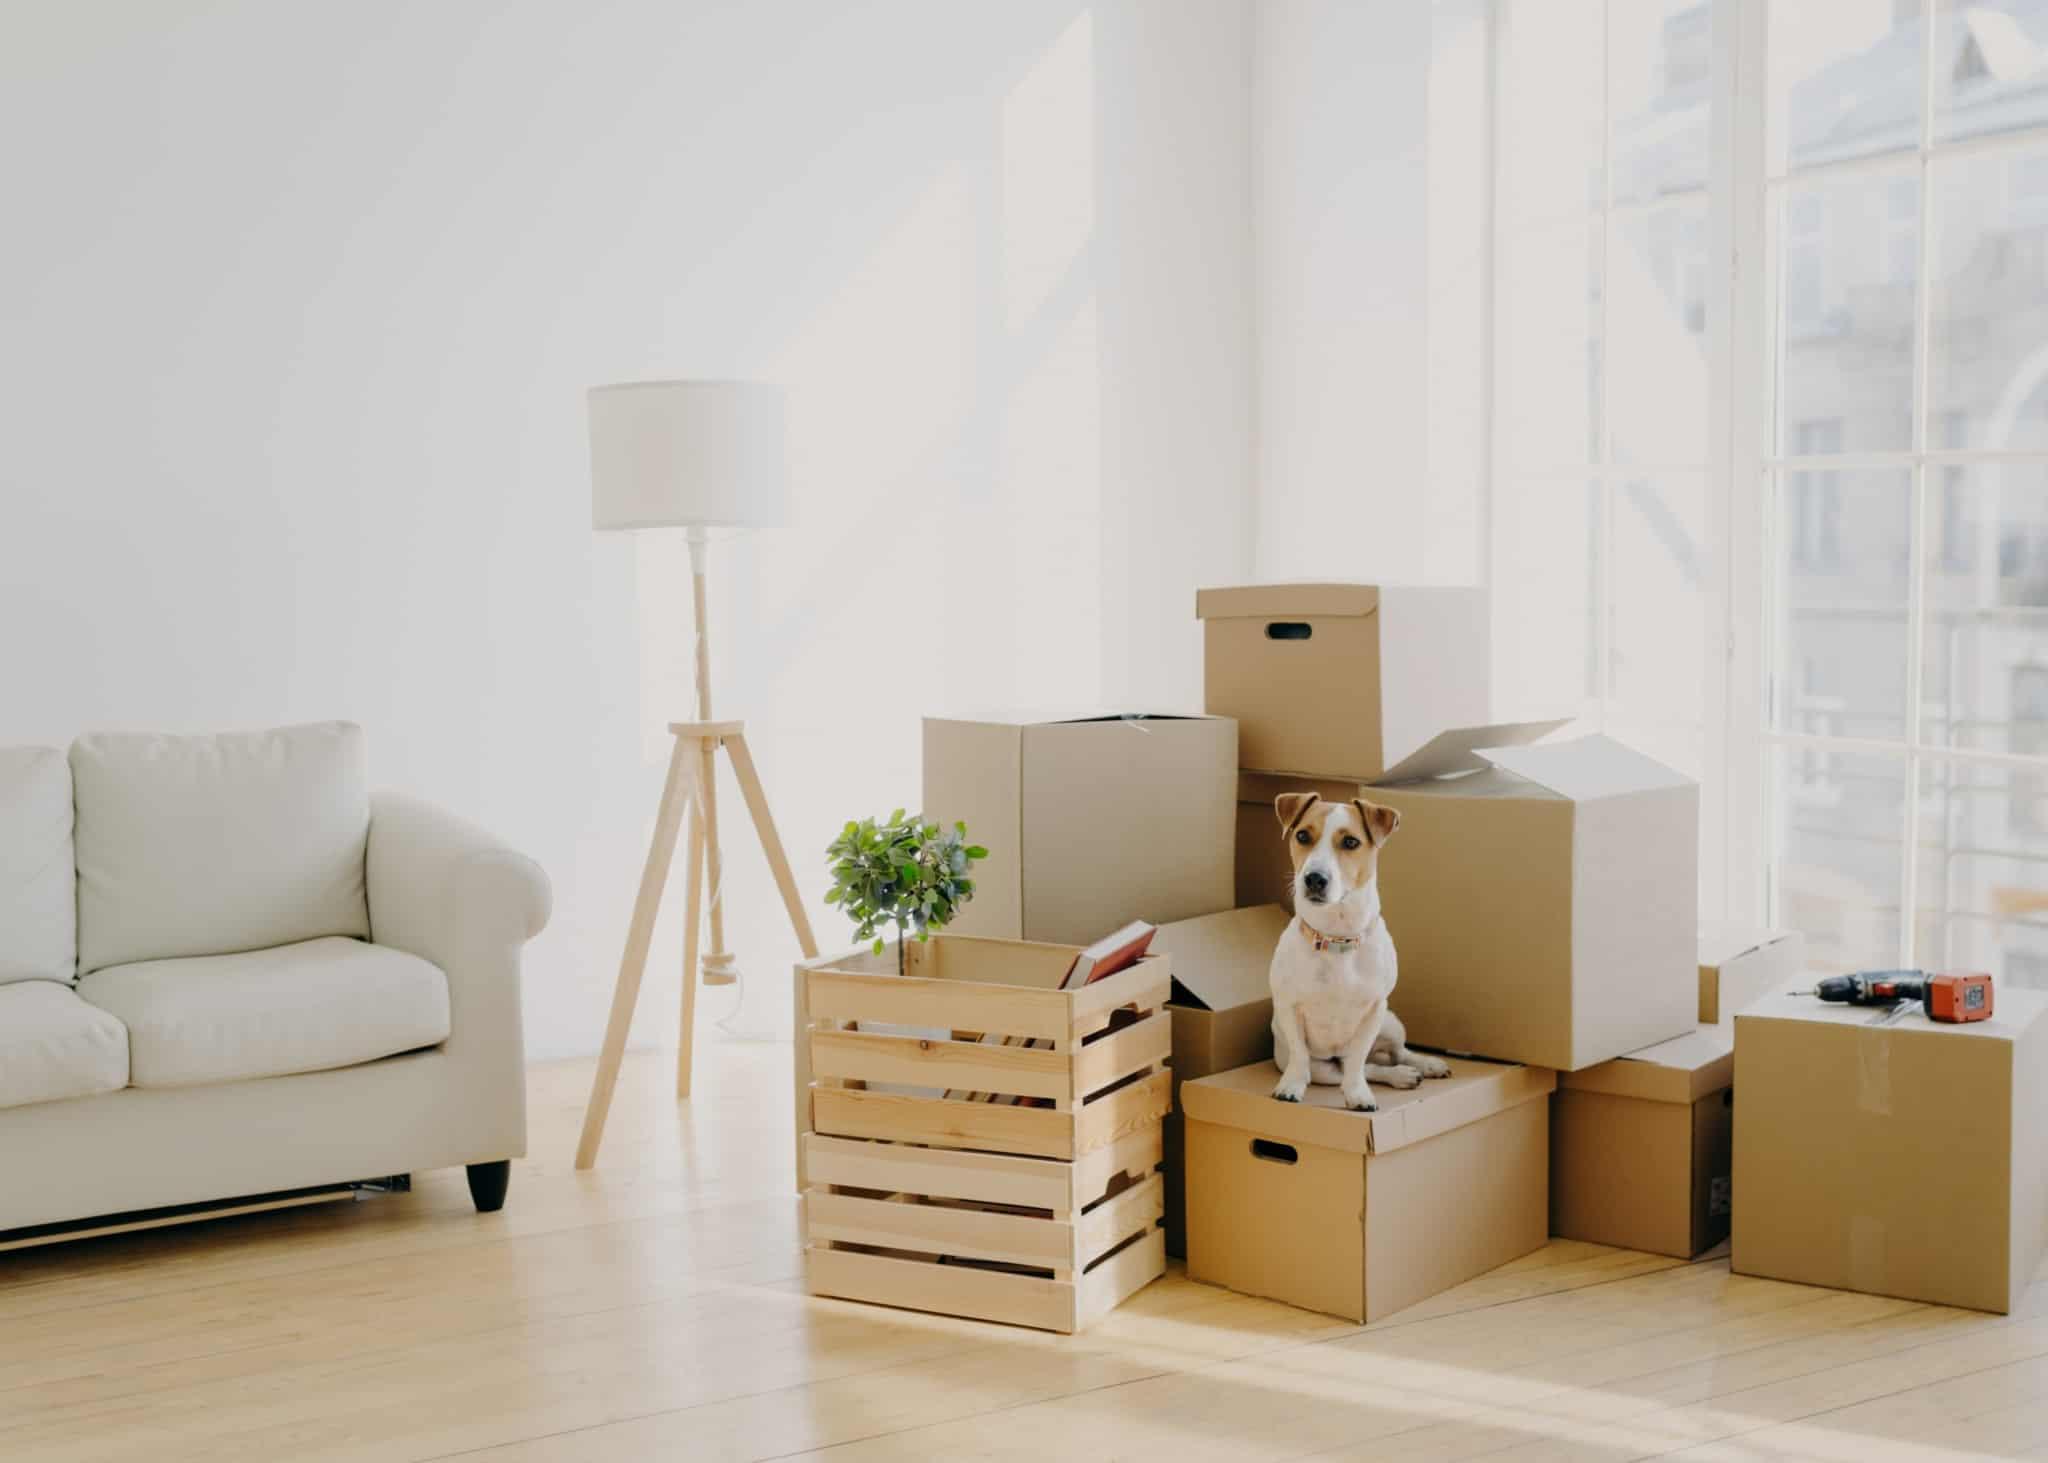 Imagem de uma sala onde se pode ver caixas - comprar casa - mudanças - sair de casa